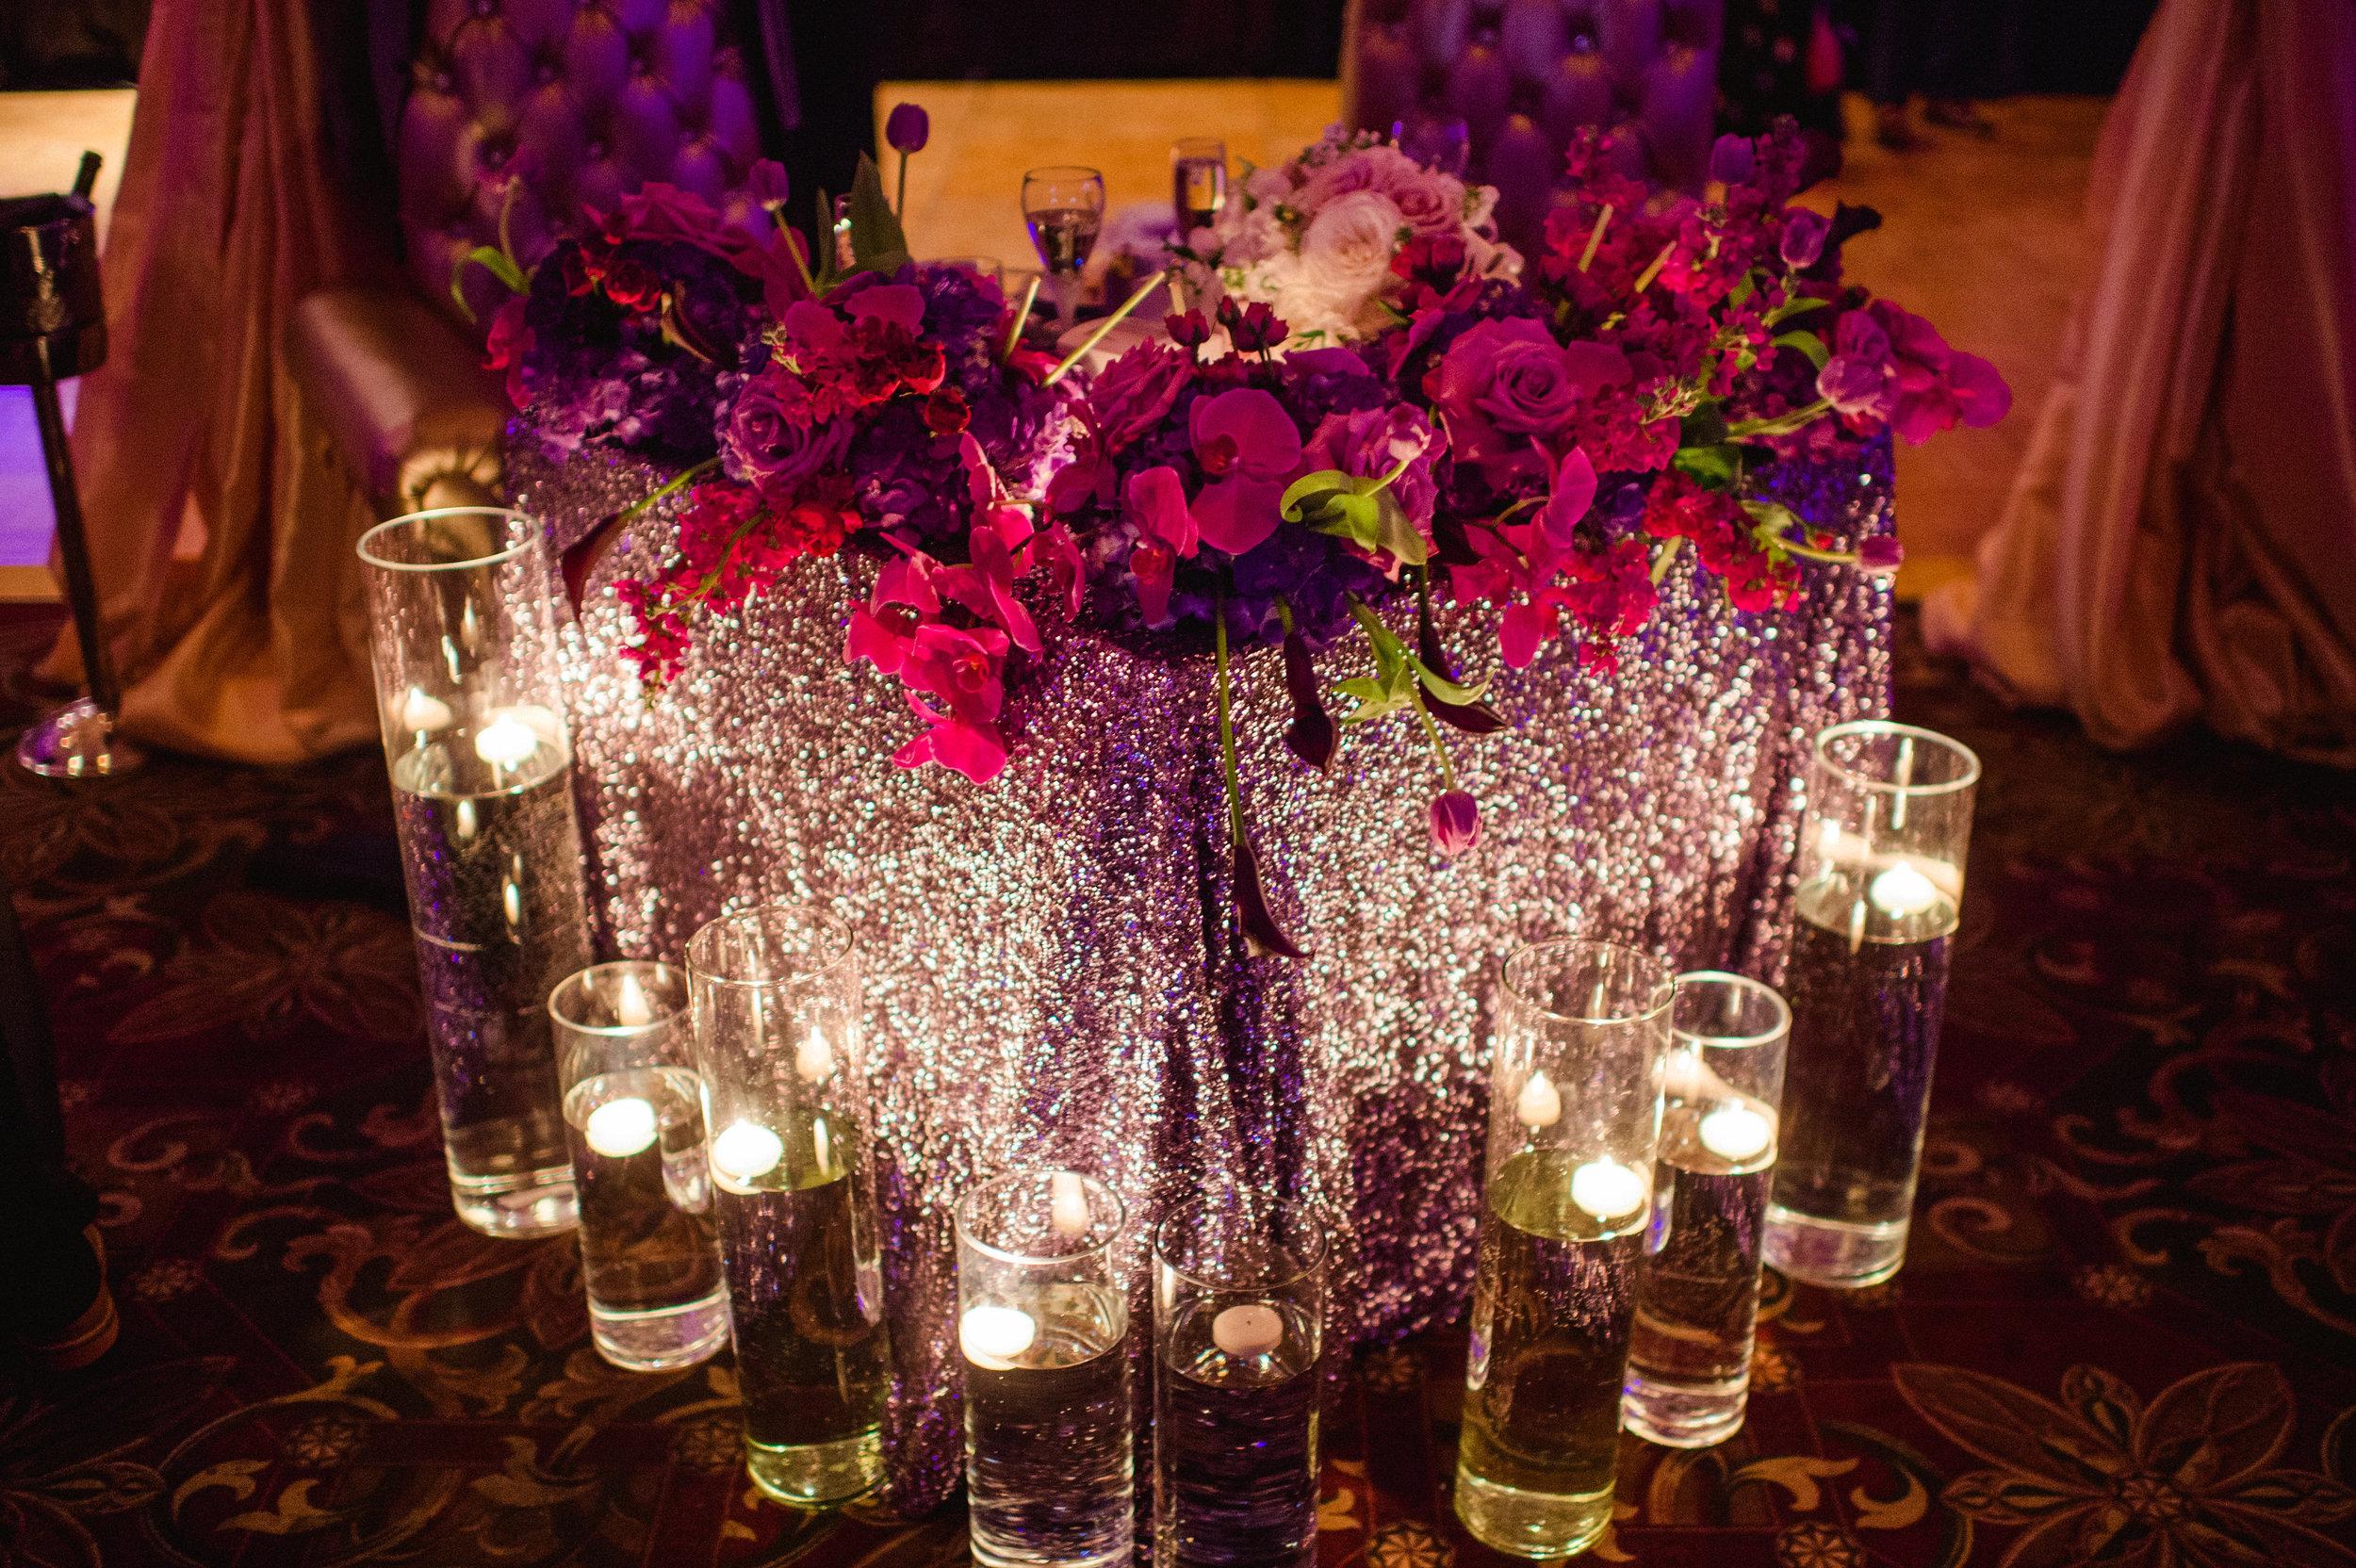 imani&chris|wedding|details-154.jpg